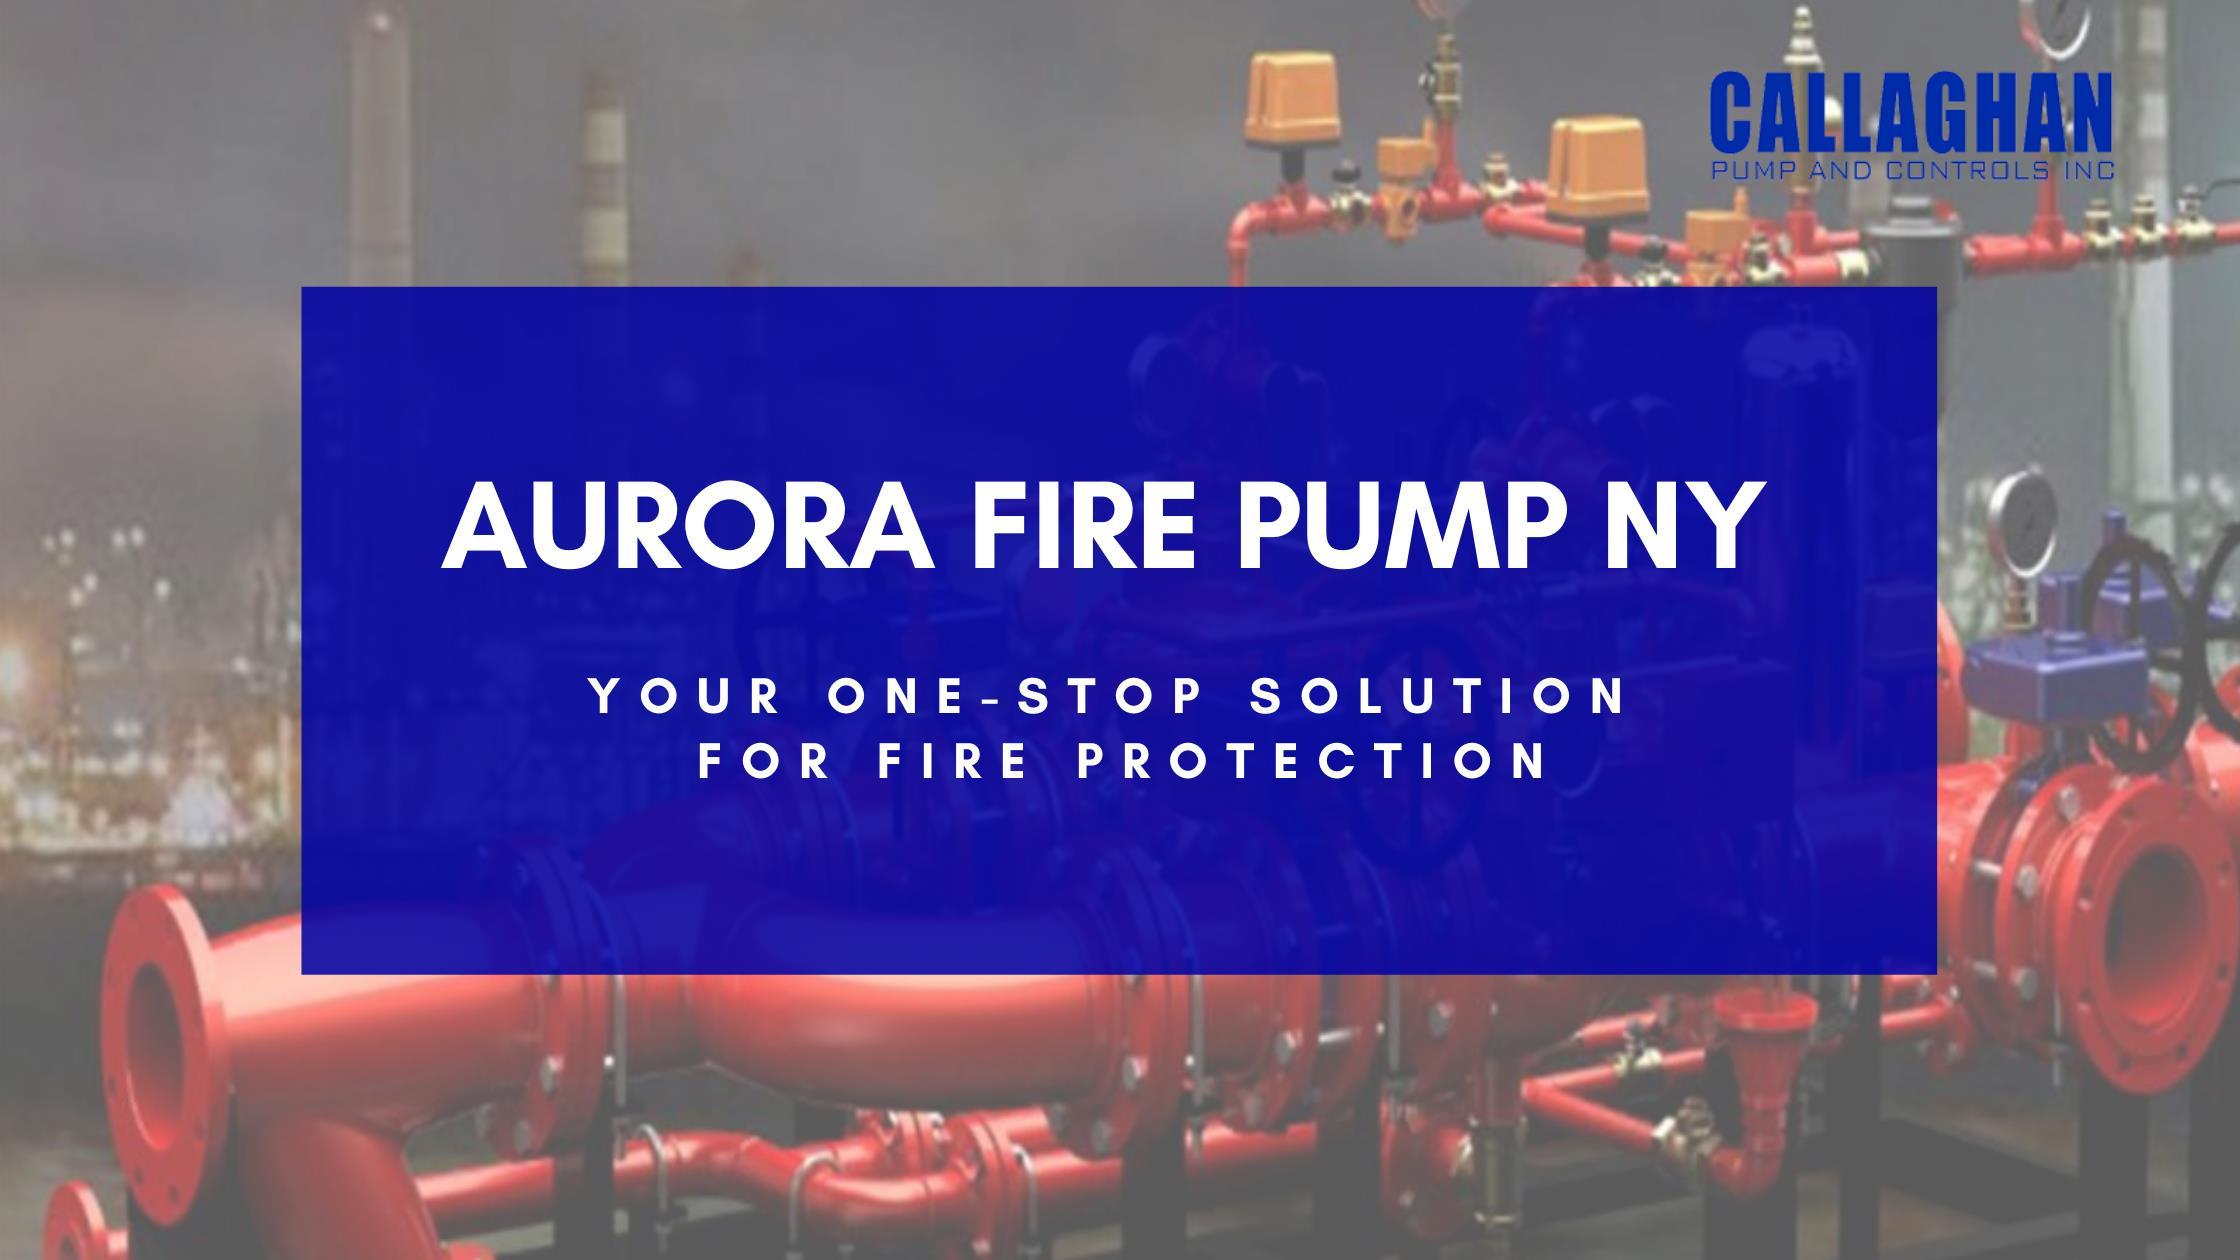 Aurora Fire Pump NY